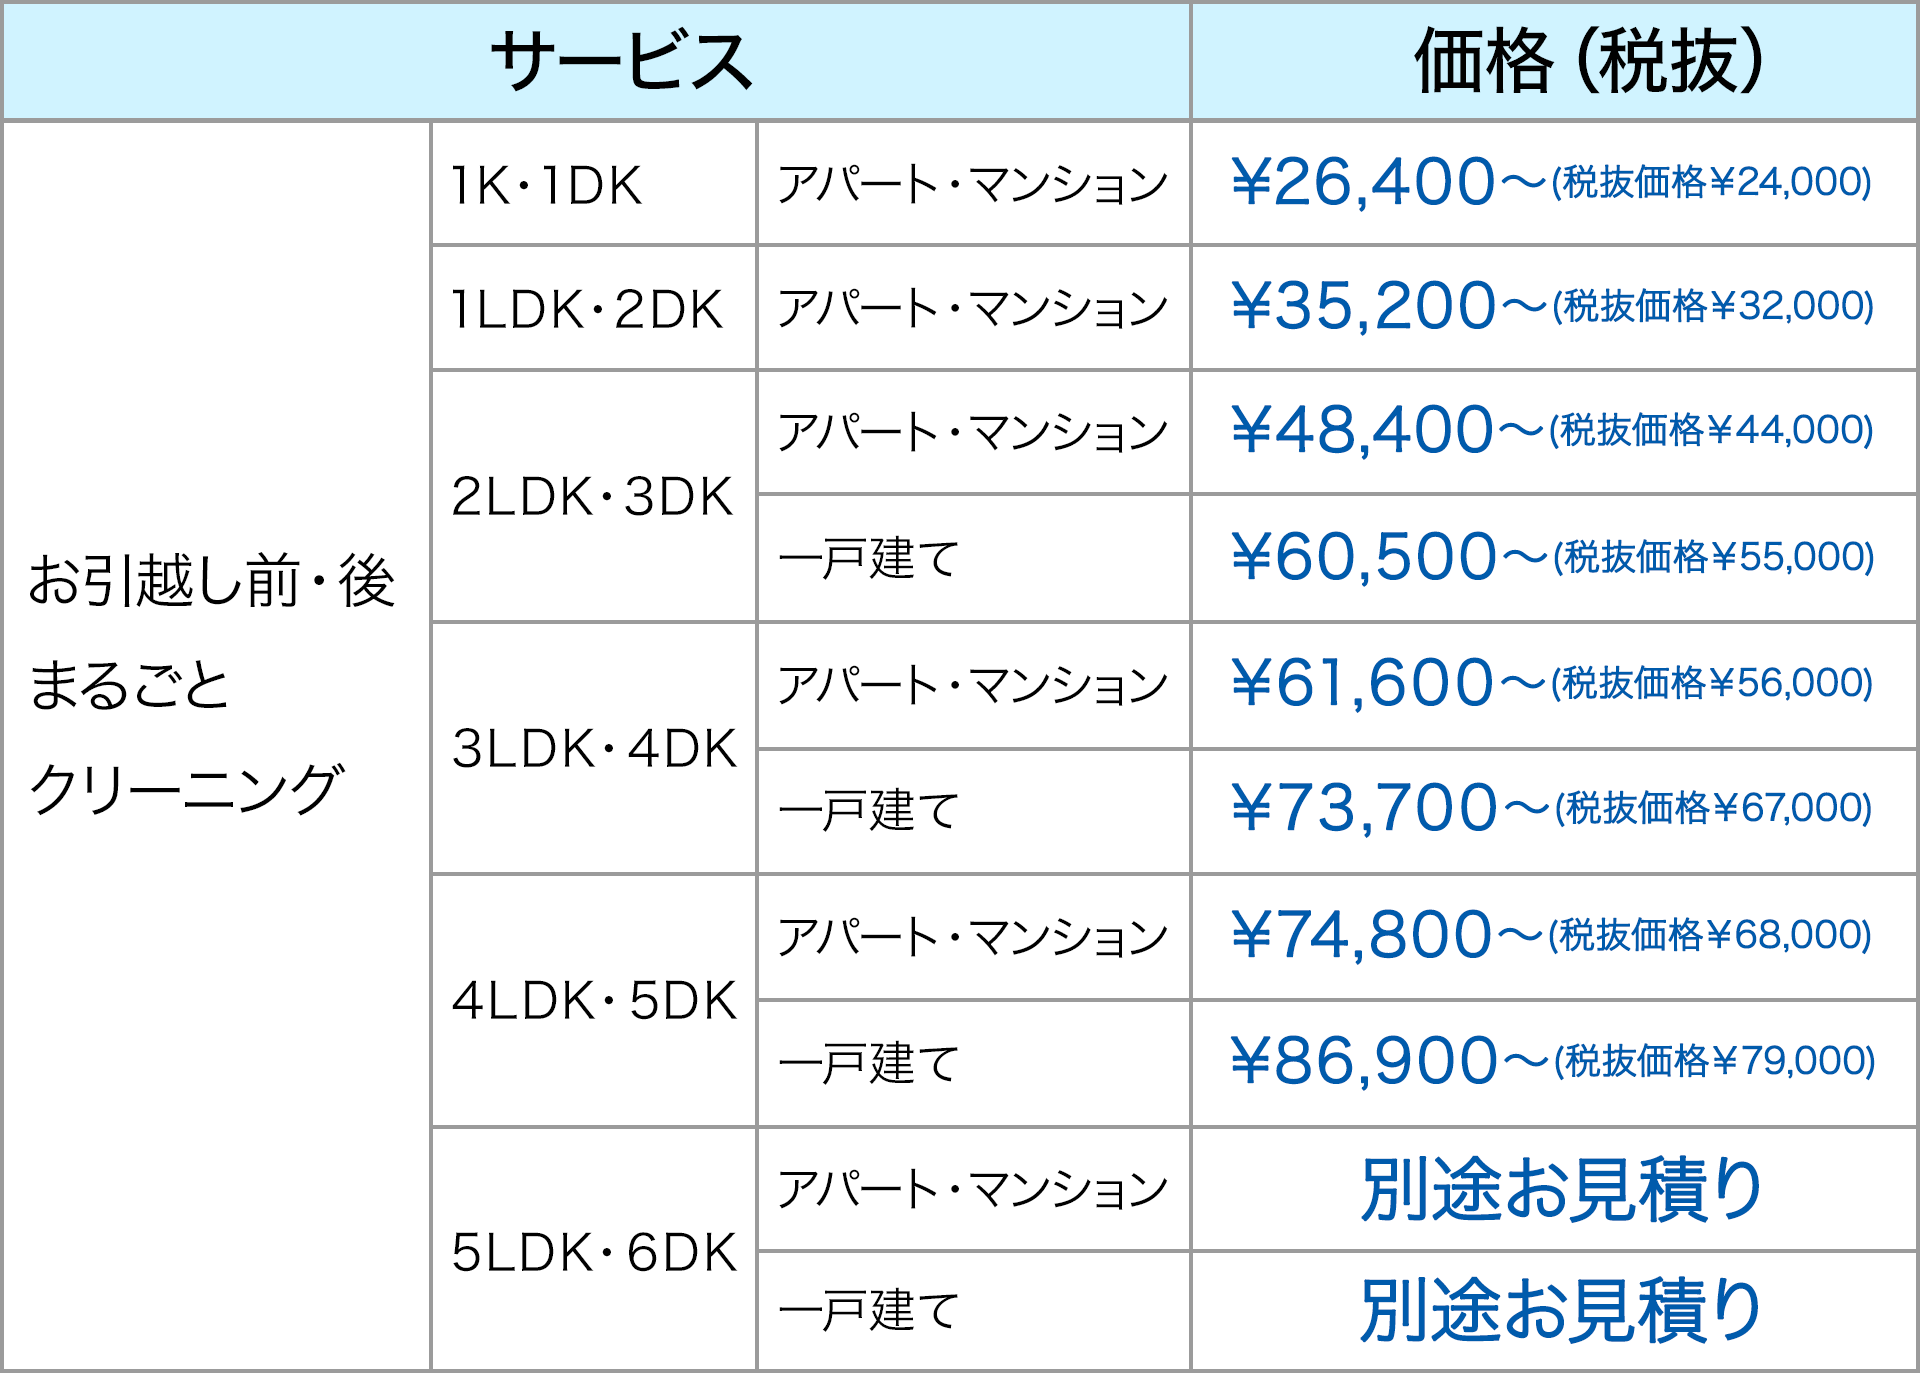 部屋タイプ別価格表